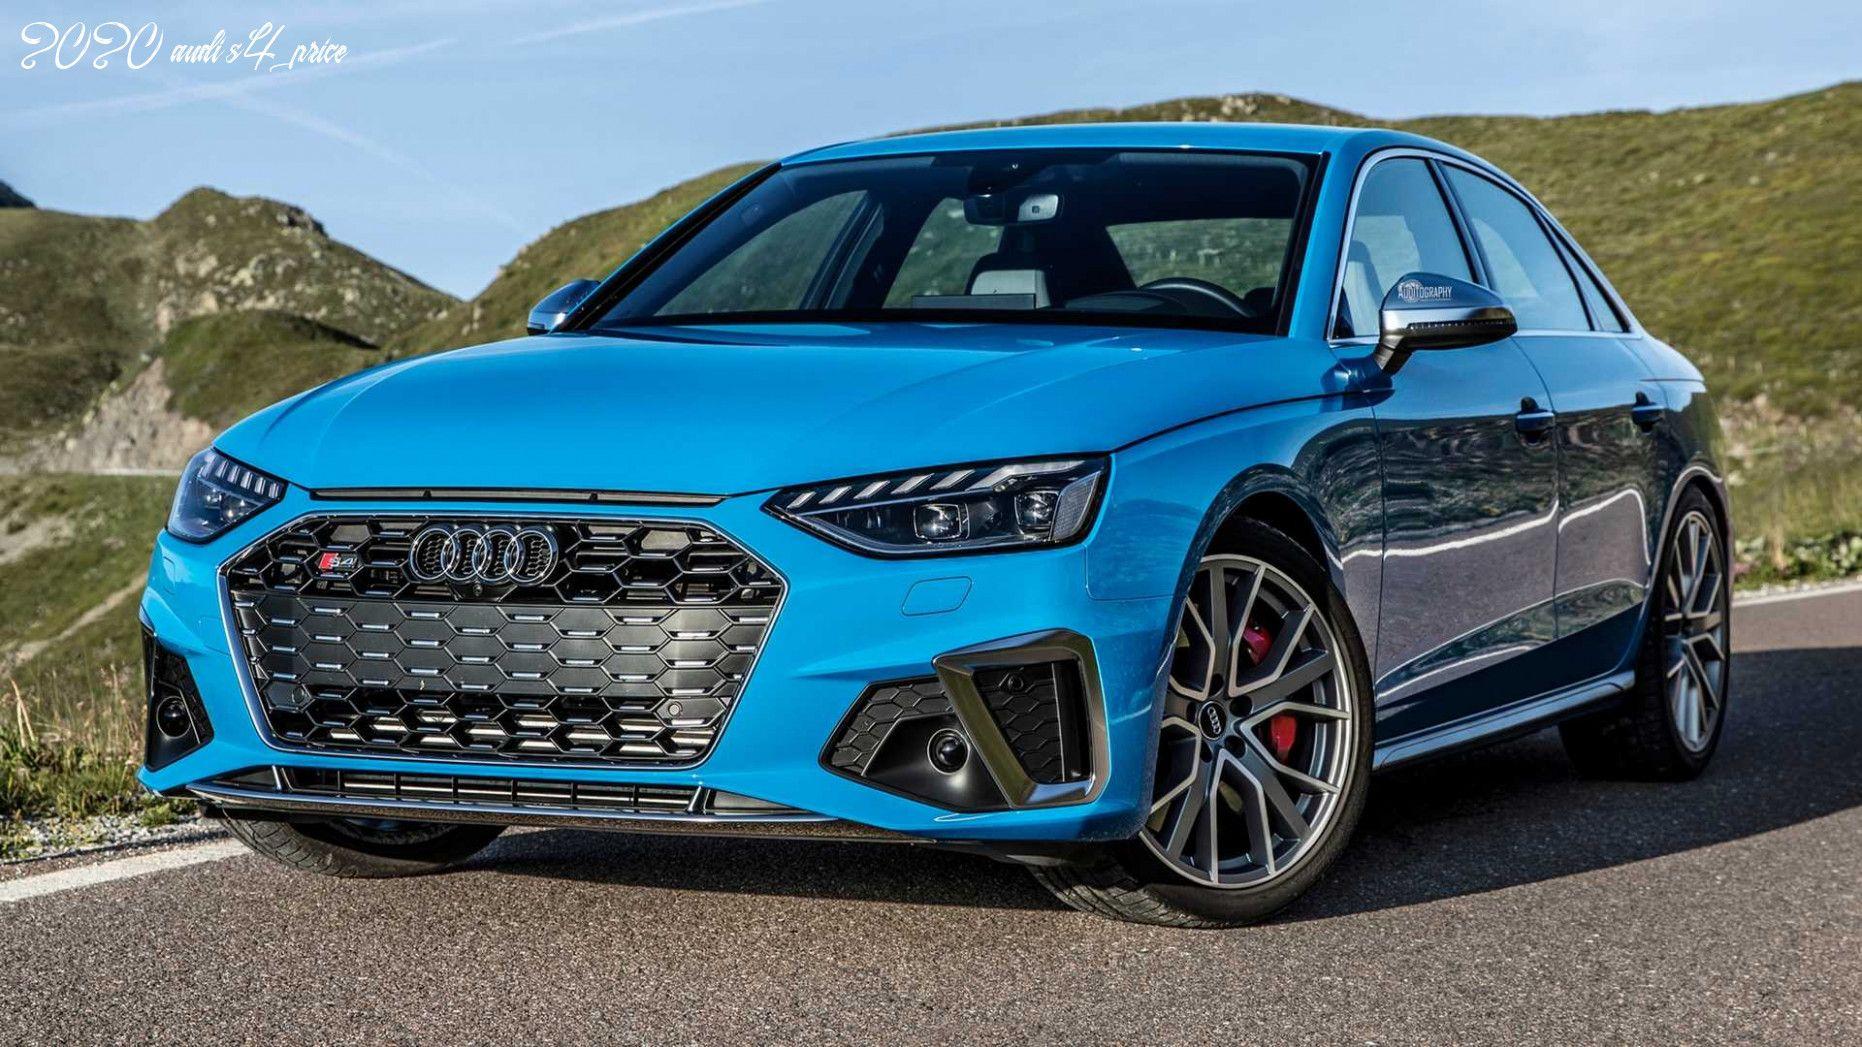 2020 Audi S4 Price In 2020 Audi S4 Audi Car